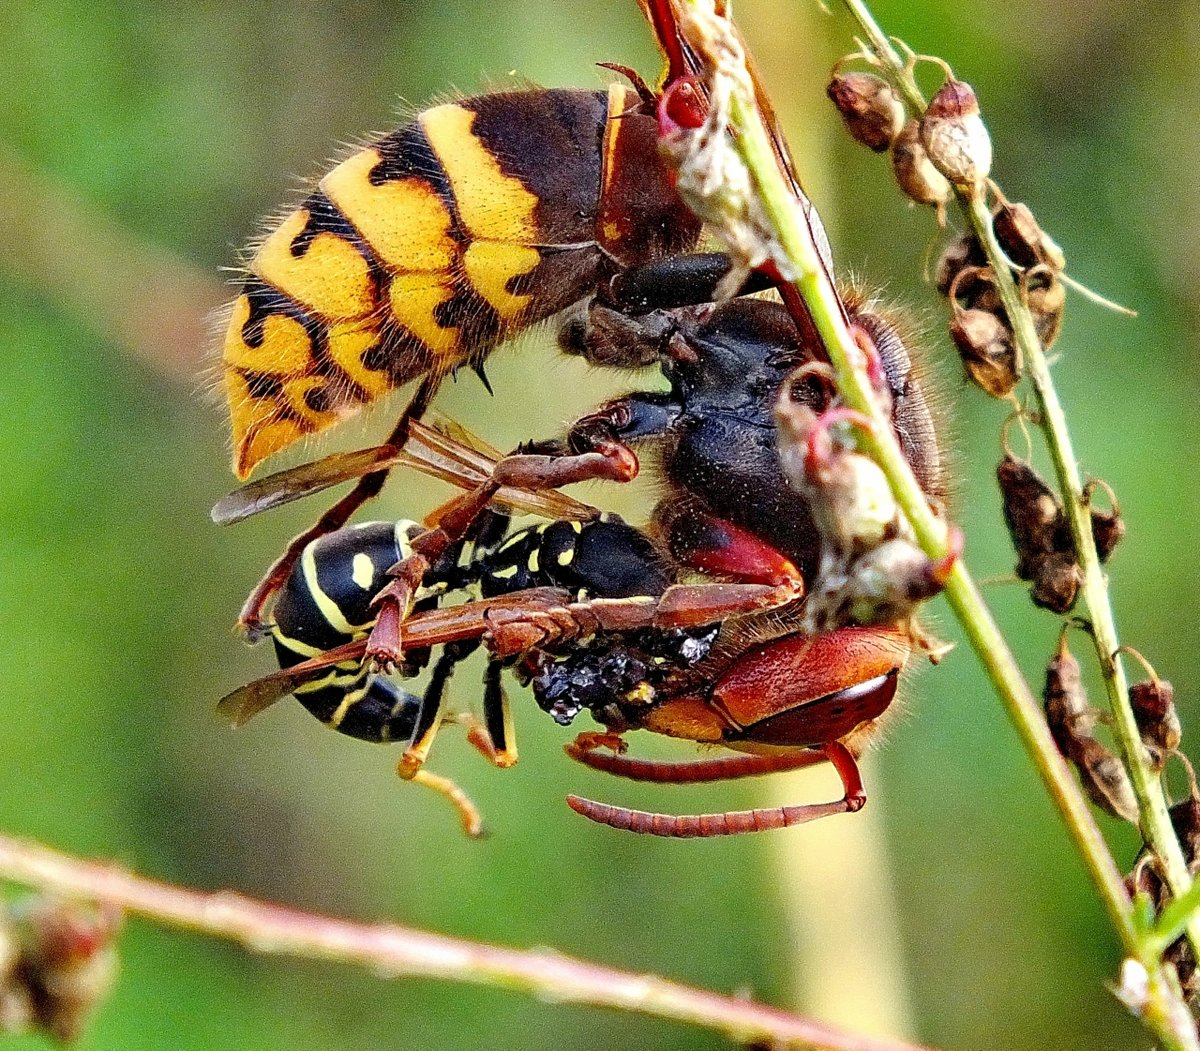 Какая польза и вред от ос в природе: уничтожение вредителей и урон для урожая